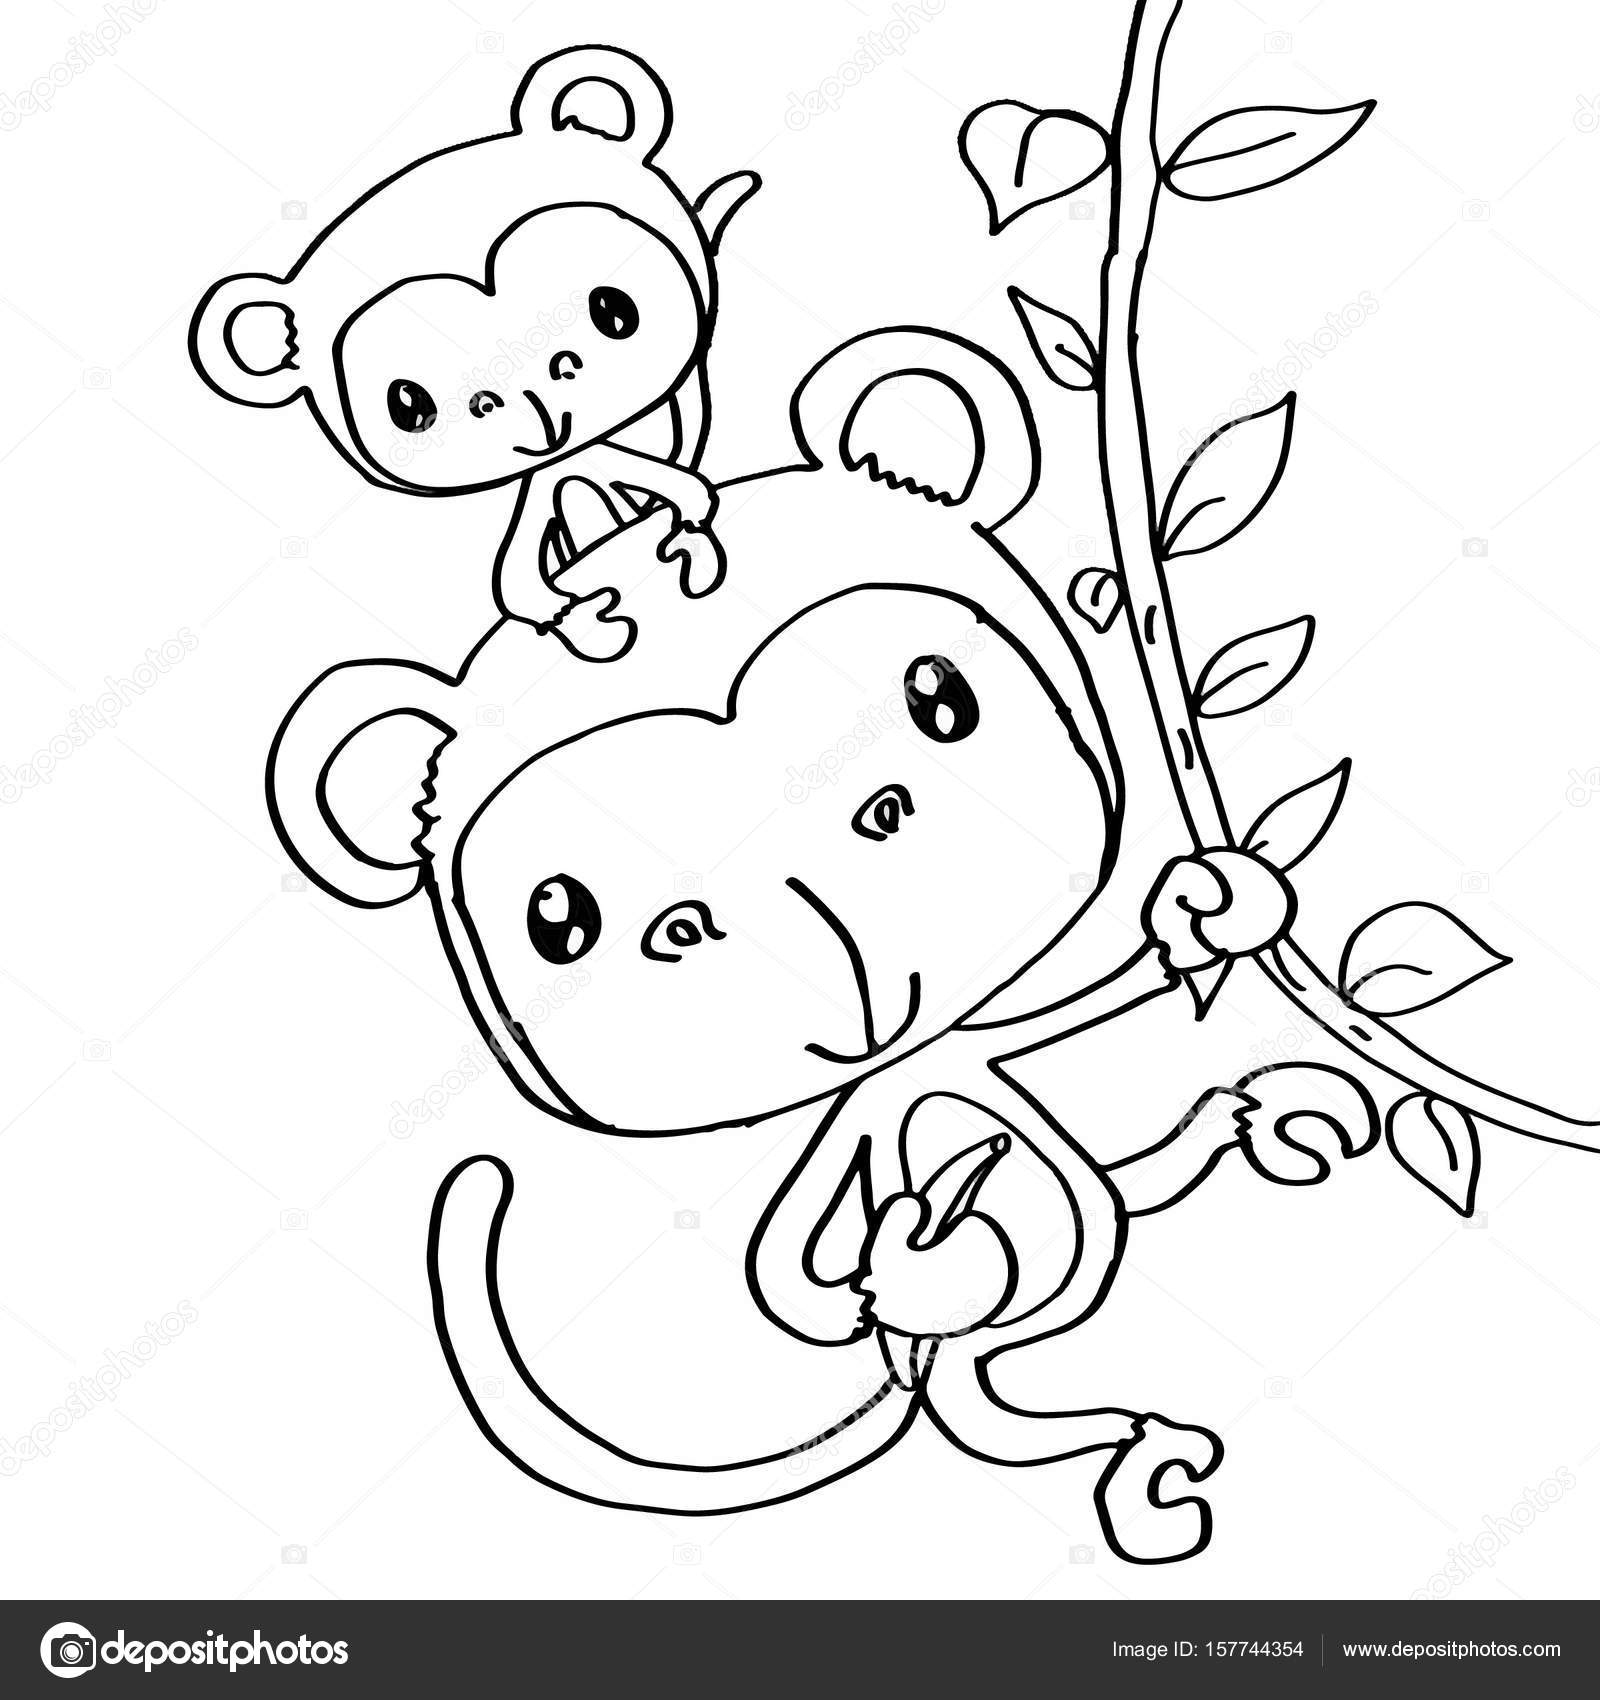 Kleurplaten Baby.Moeder Monkey En Kleurplaten Baby Stockfoto C Designartks 157744354